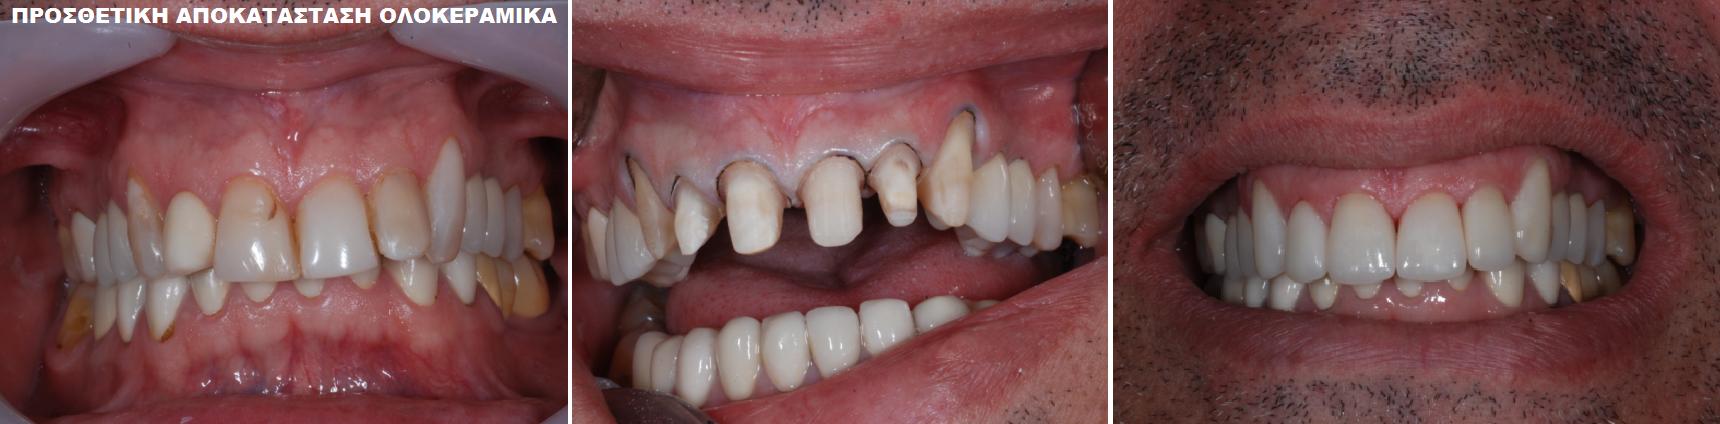 ΠΡΟΣΘΕΤΙΚΗ ΑΠΟΚΑΤΑΣΤΑΣΗ ΟΛΟΚΕΡΑΜΙΚΑ Σκαρπέτης Κωνσταντίνος Χειρουργός Οδοντίατρος Άγιος Στέφανος Αττικής